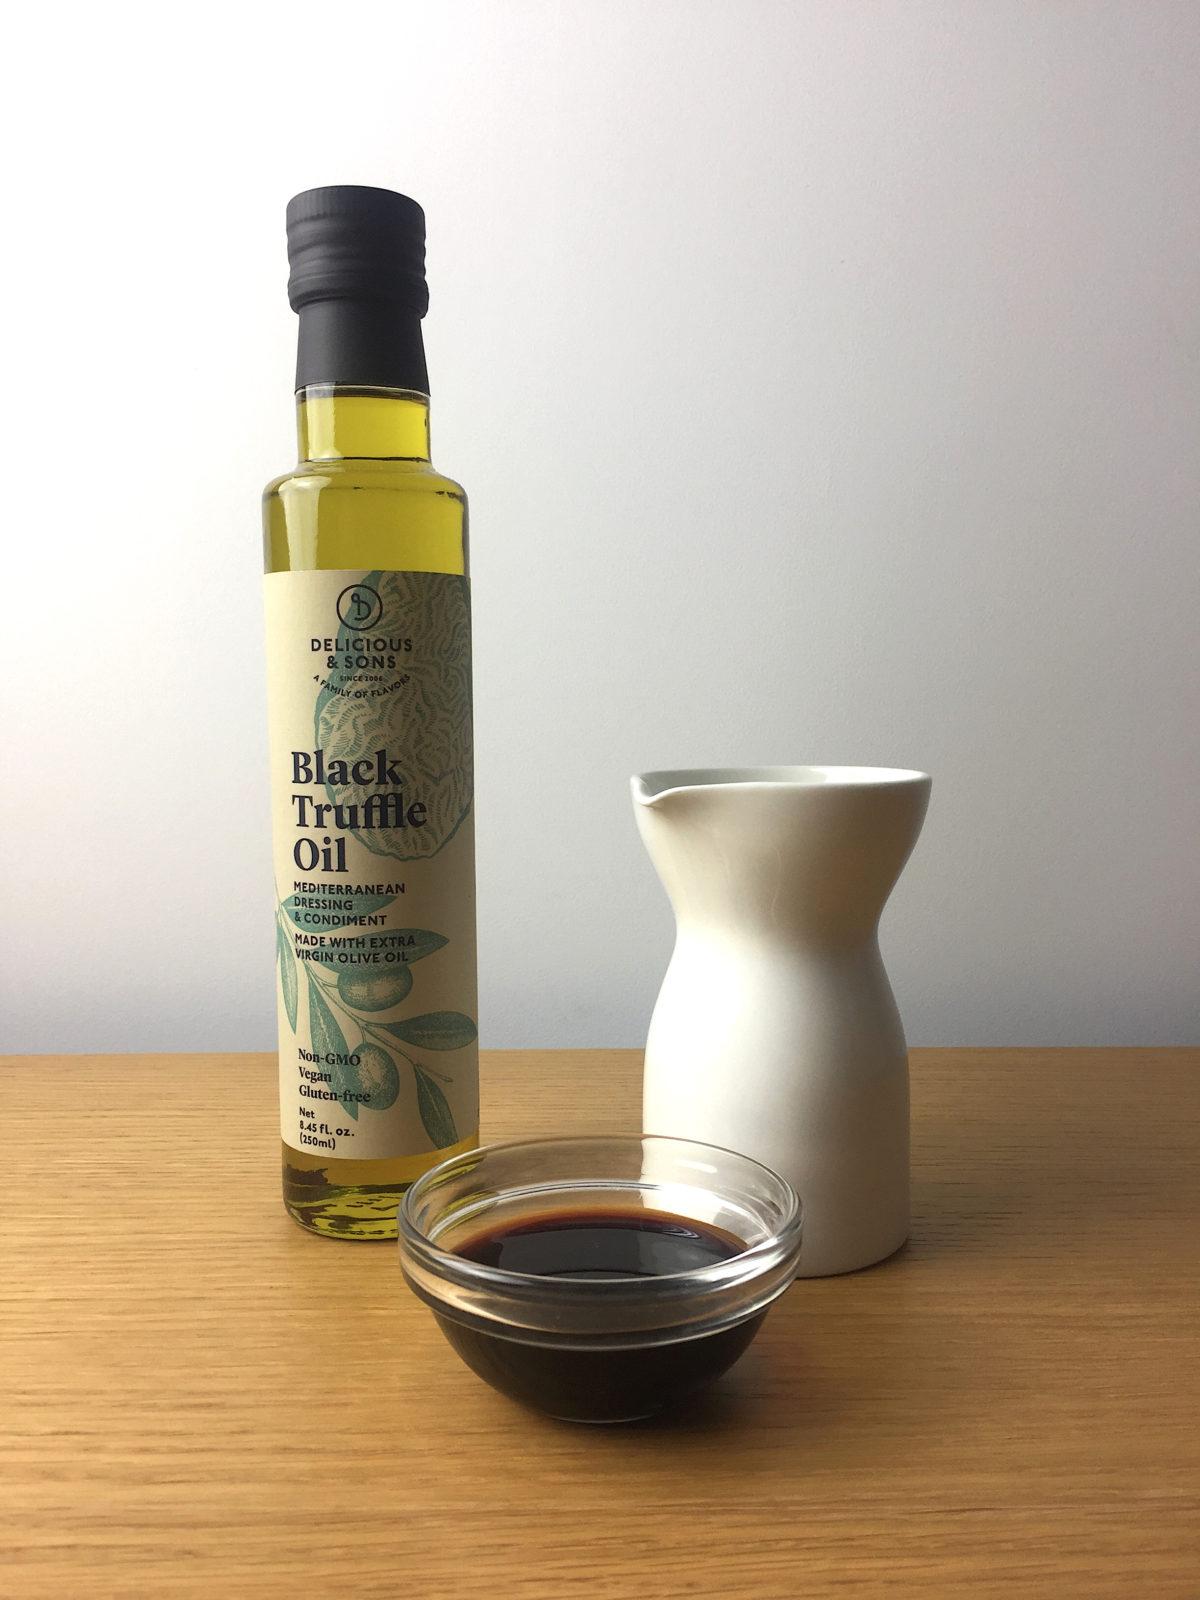 Salsa de Soja con Trufa por Ricky Mandle — Delicious & Sons